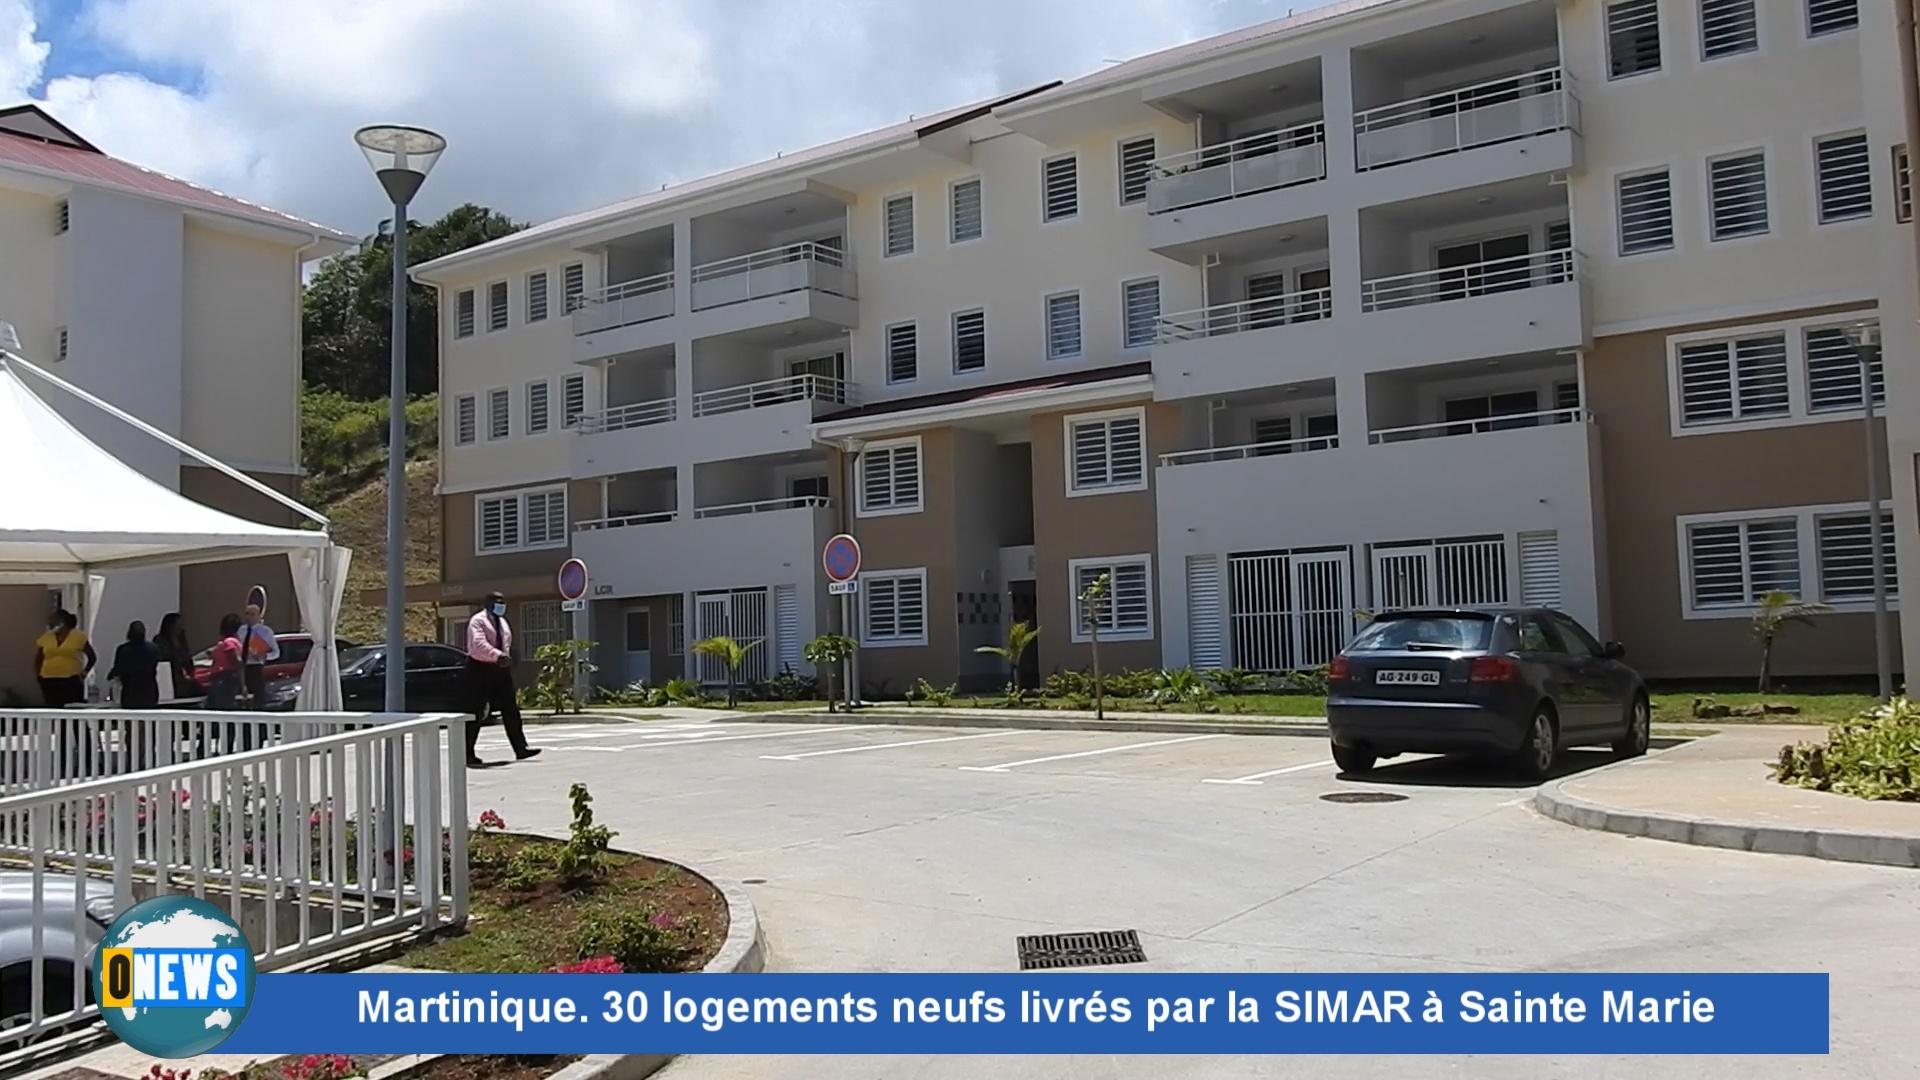 [Vidéo] Onews Martinique. 30 logements neufs livrés par la SIMAR à Sainte Marie